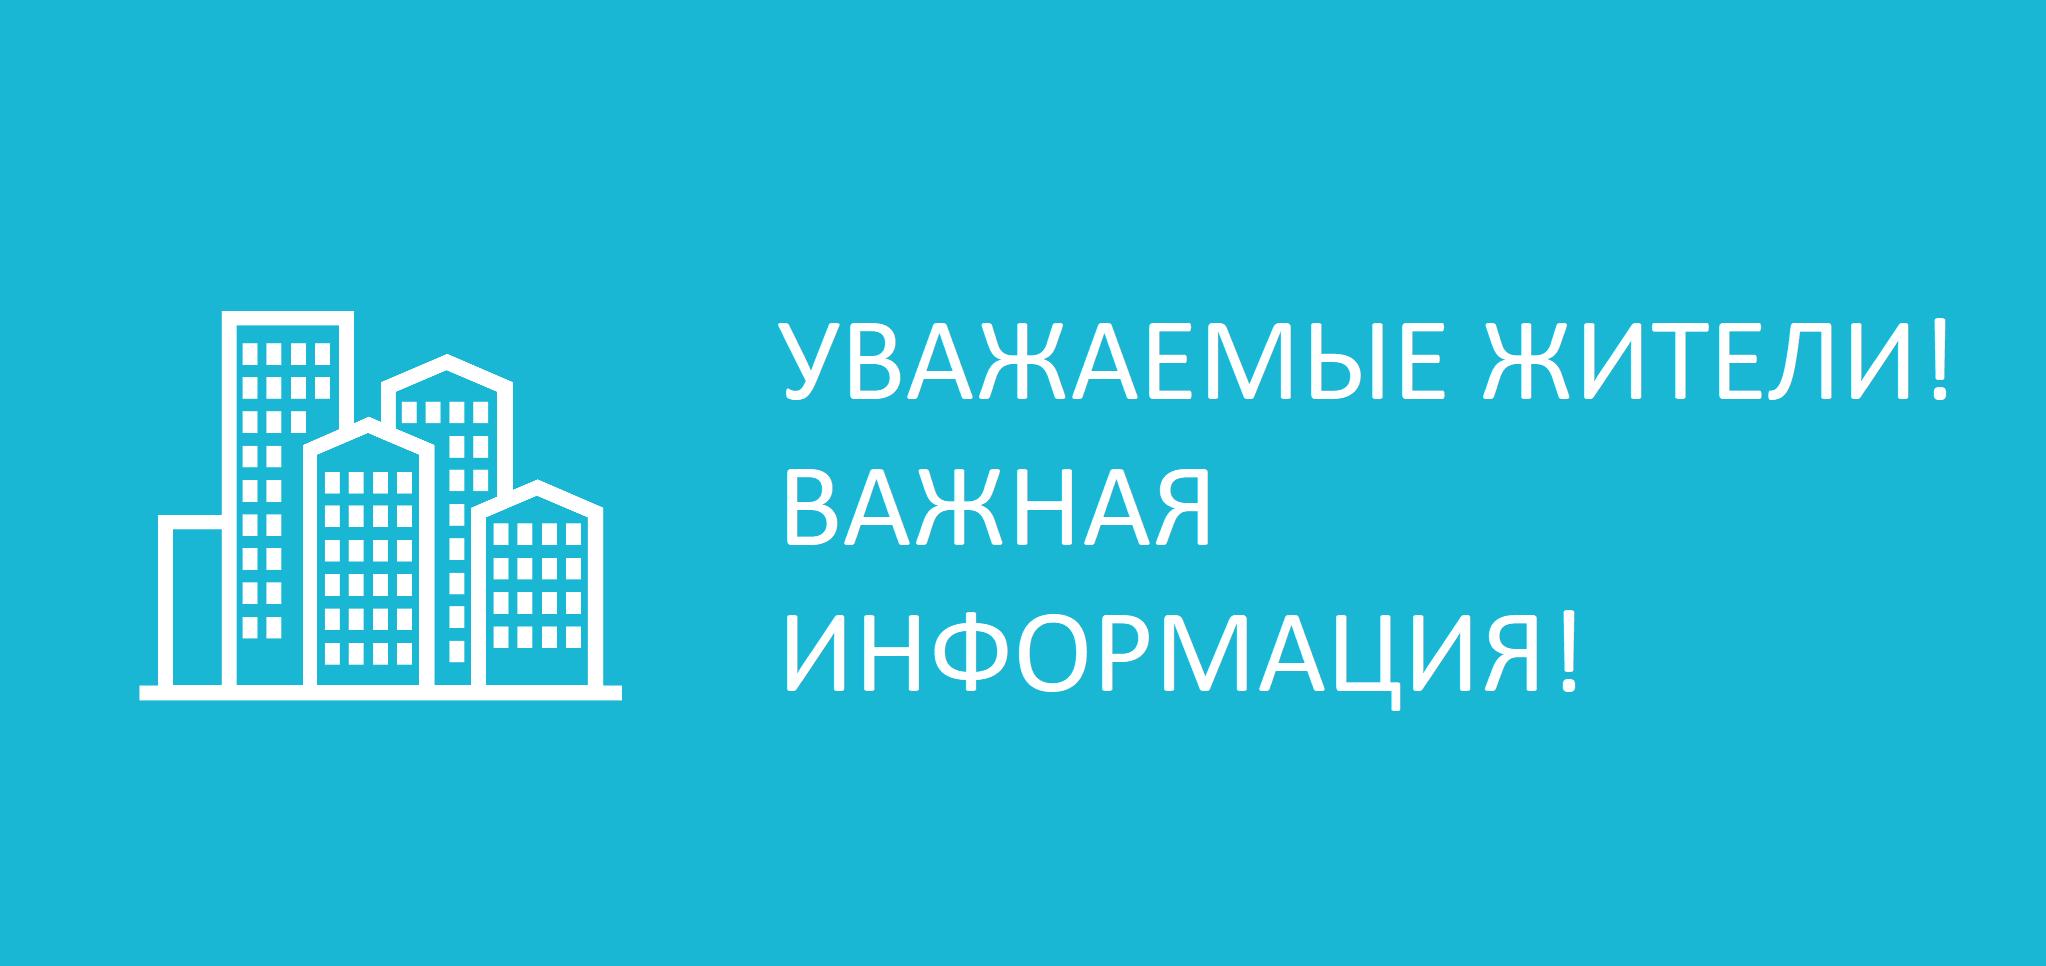 УВАЖАЕМЫЕ ЖИТЕЛИ 2-ой Покровский пр-д, д. 6 кор.1!